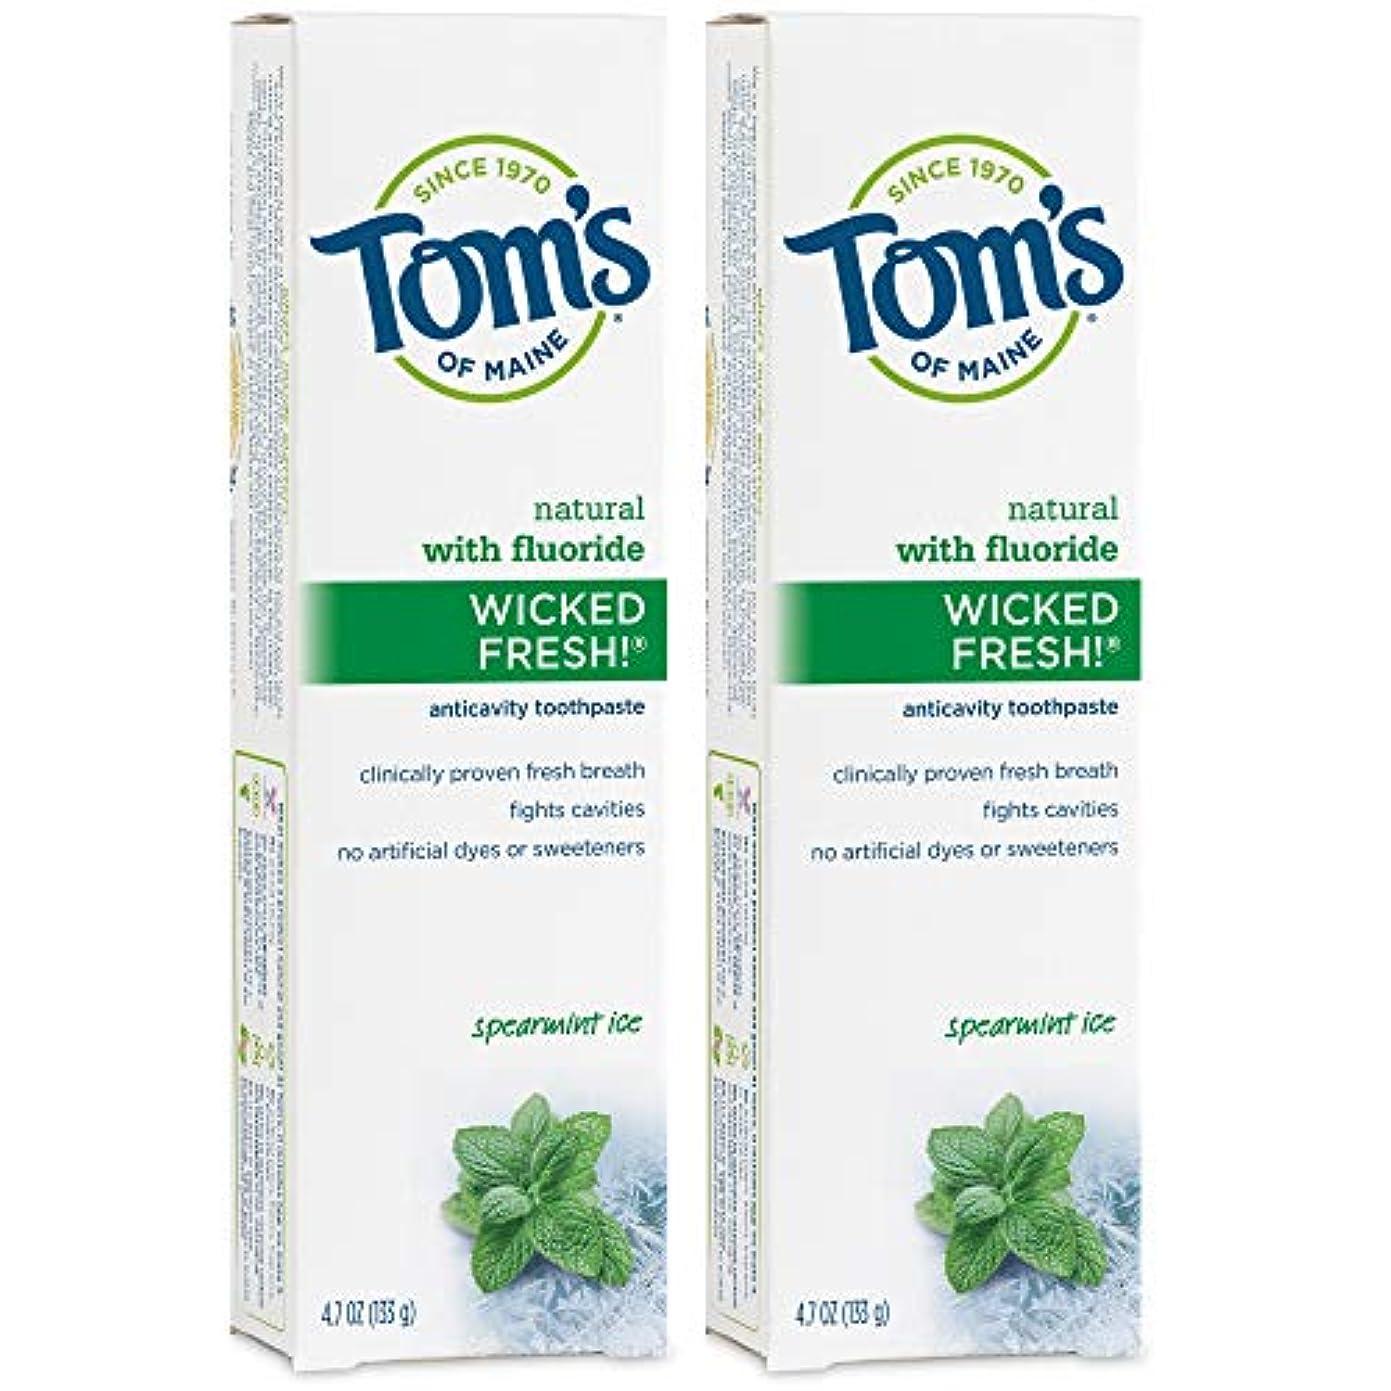 先テニス溶けたTom's of Maine Wicked Fresh Long Lasting Fresh Breath Fluoride Toothpaste, Spearmint Ice, 4.7-Ounce by Tom's of...